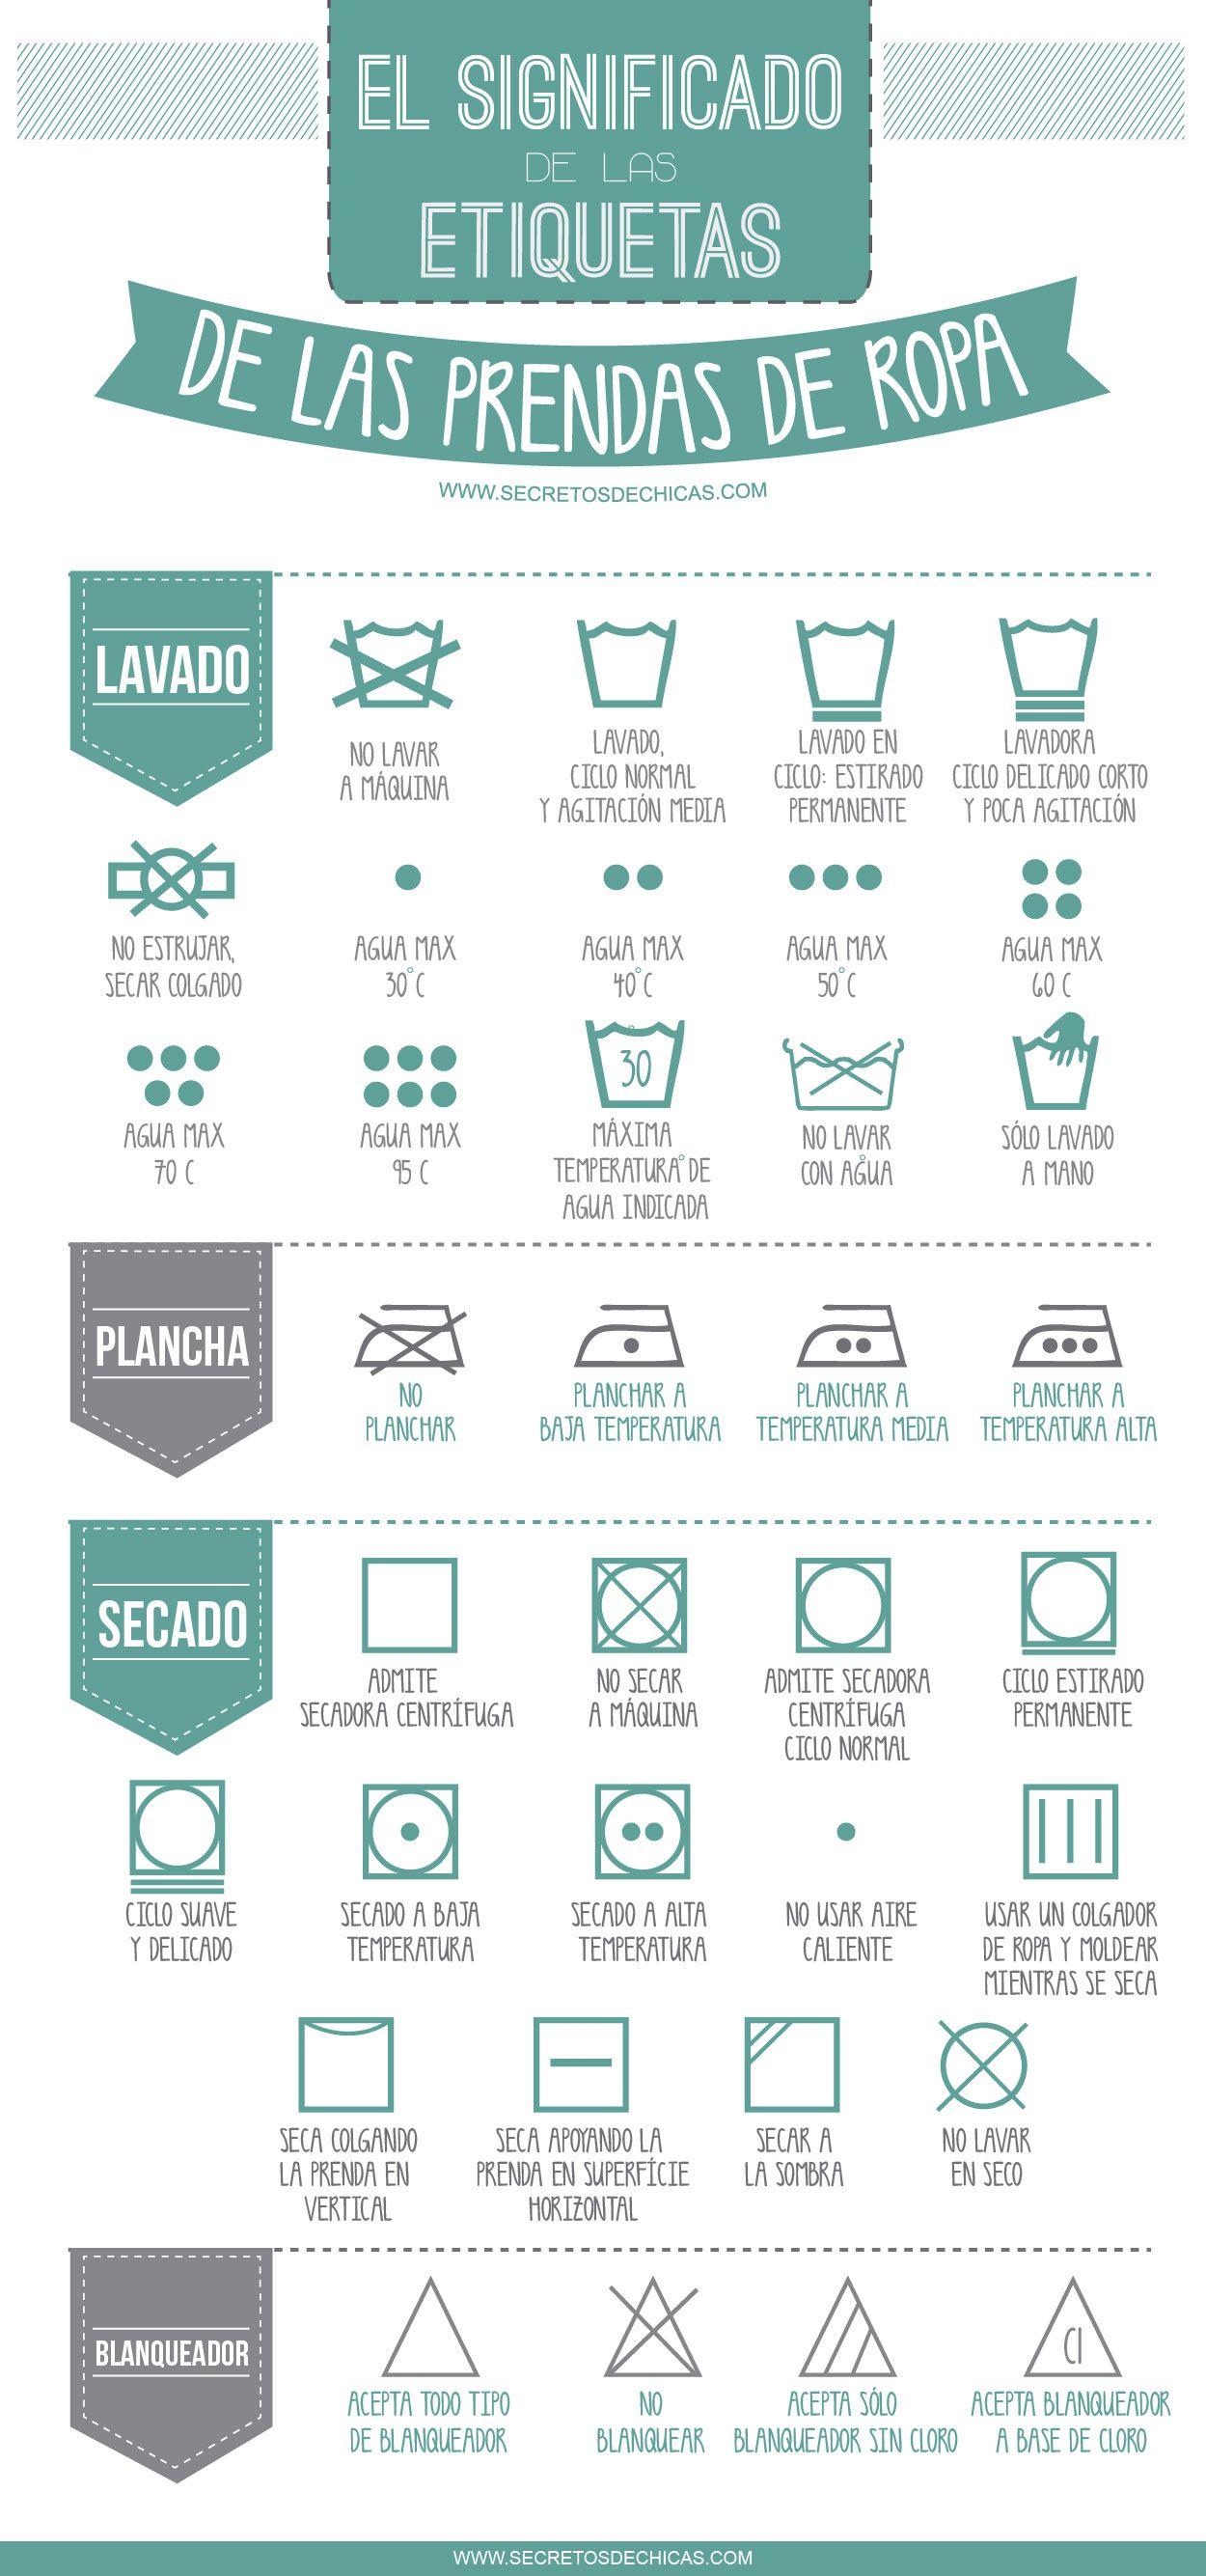 El significado de las etiquetas de las prendas | Moda | Pinterest ...